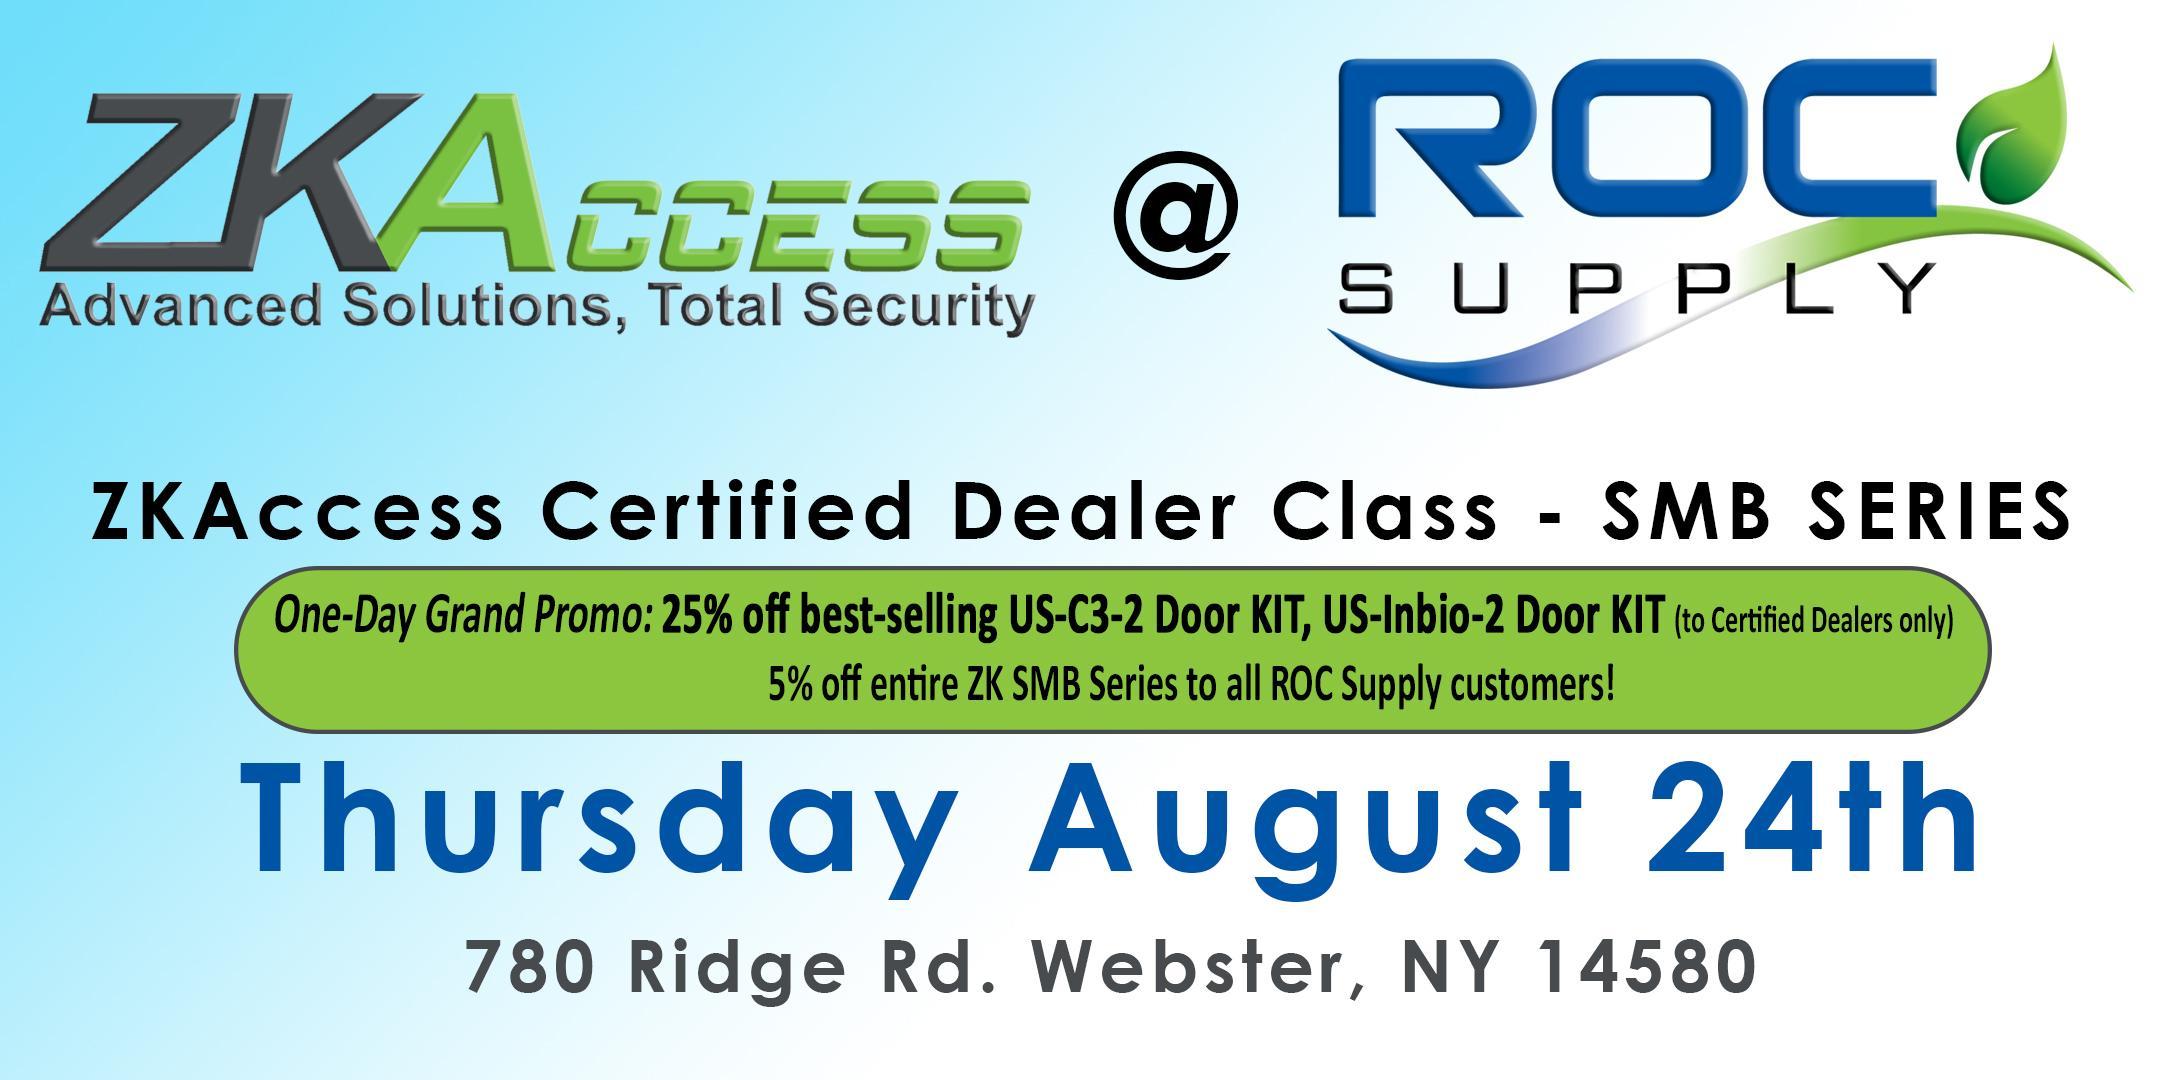 ZKAccess Certified Dealer Class - SMB SERIES